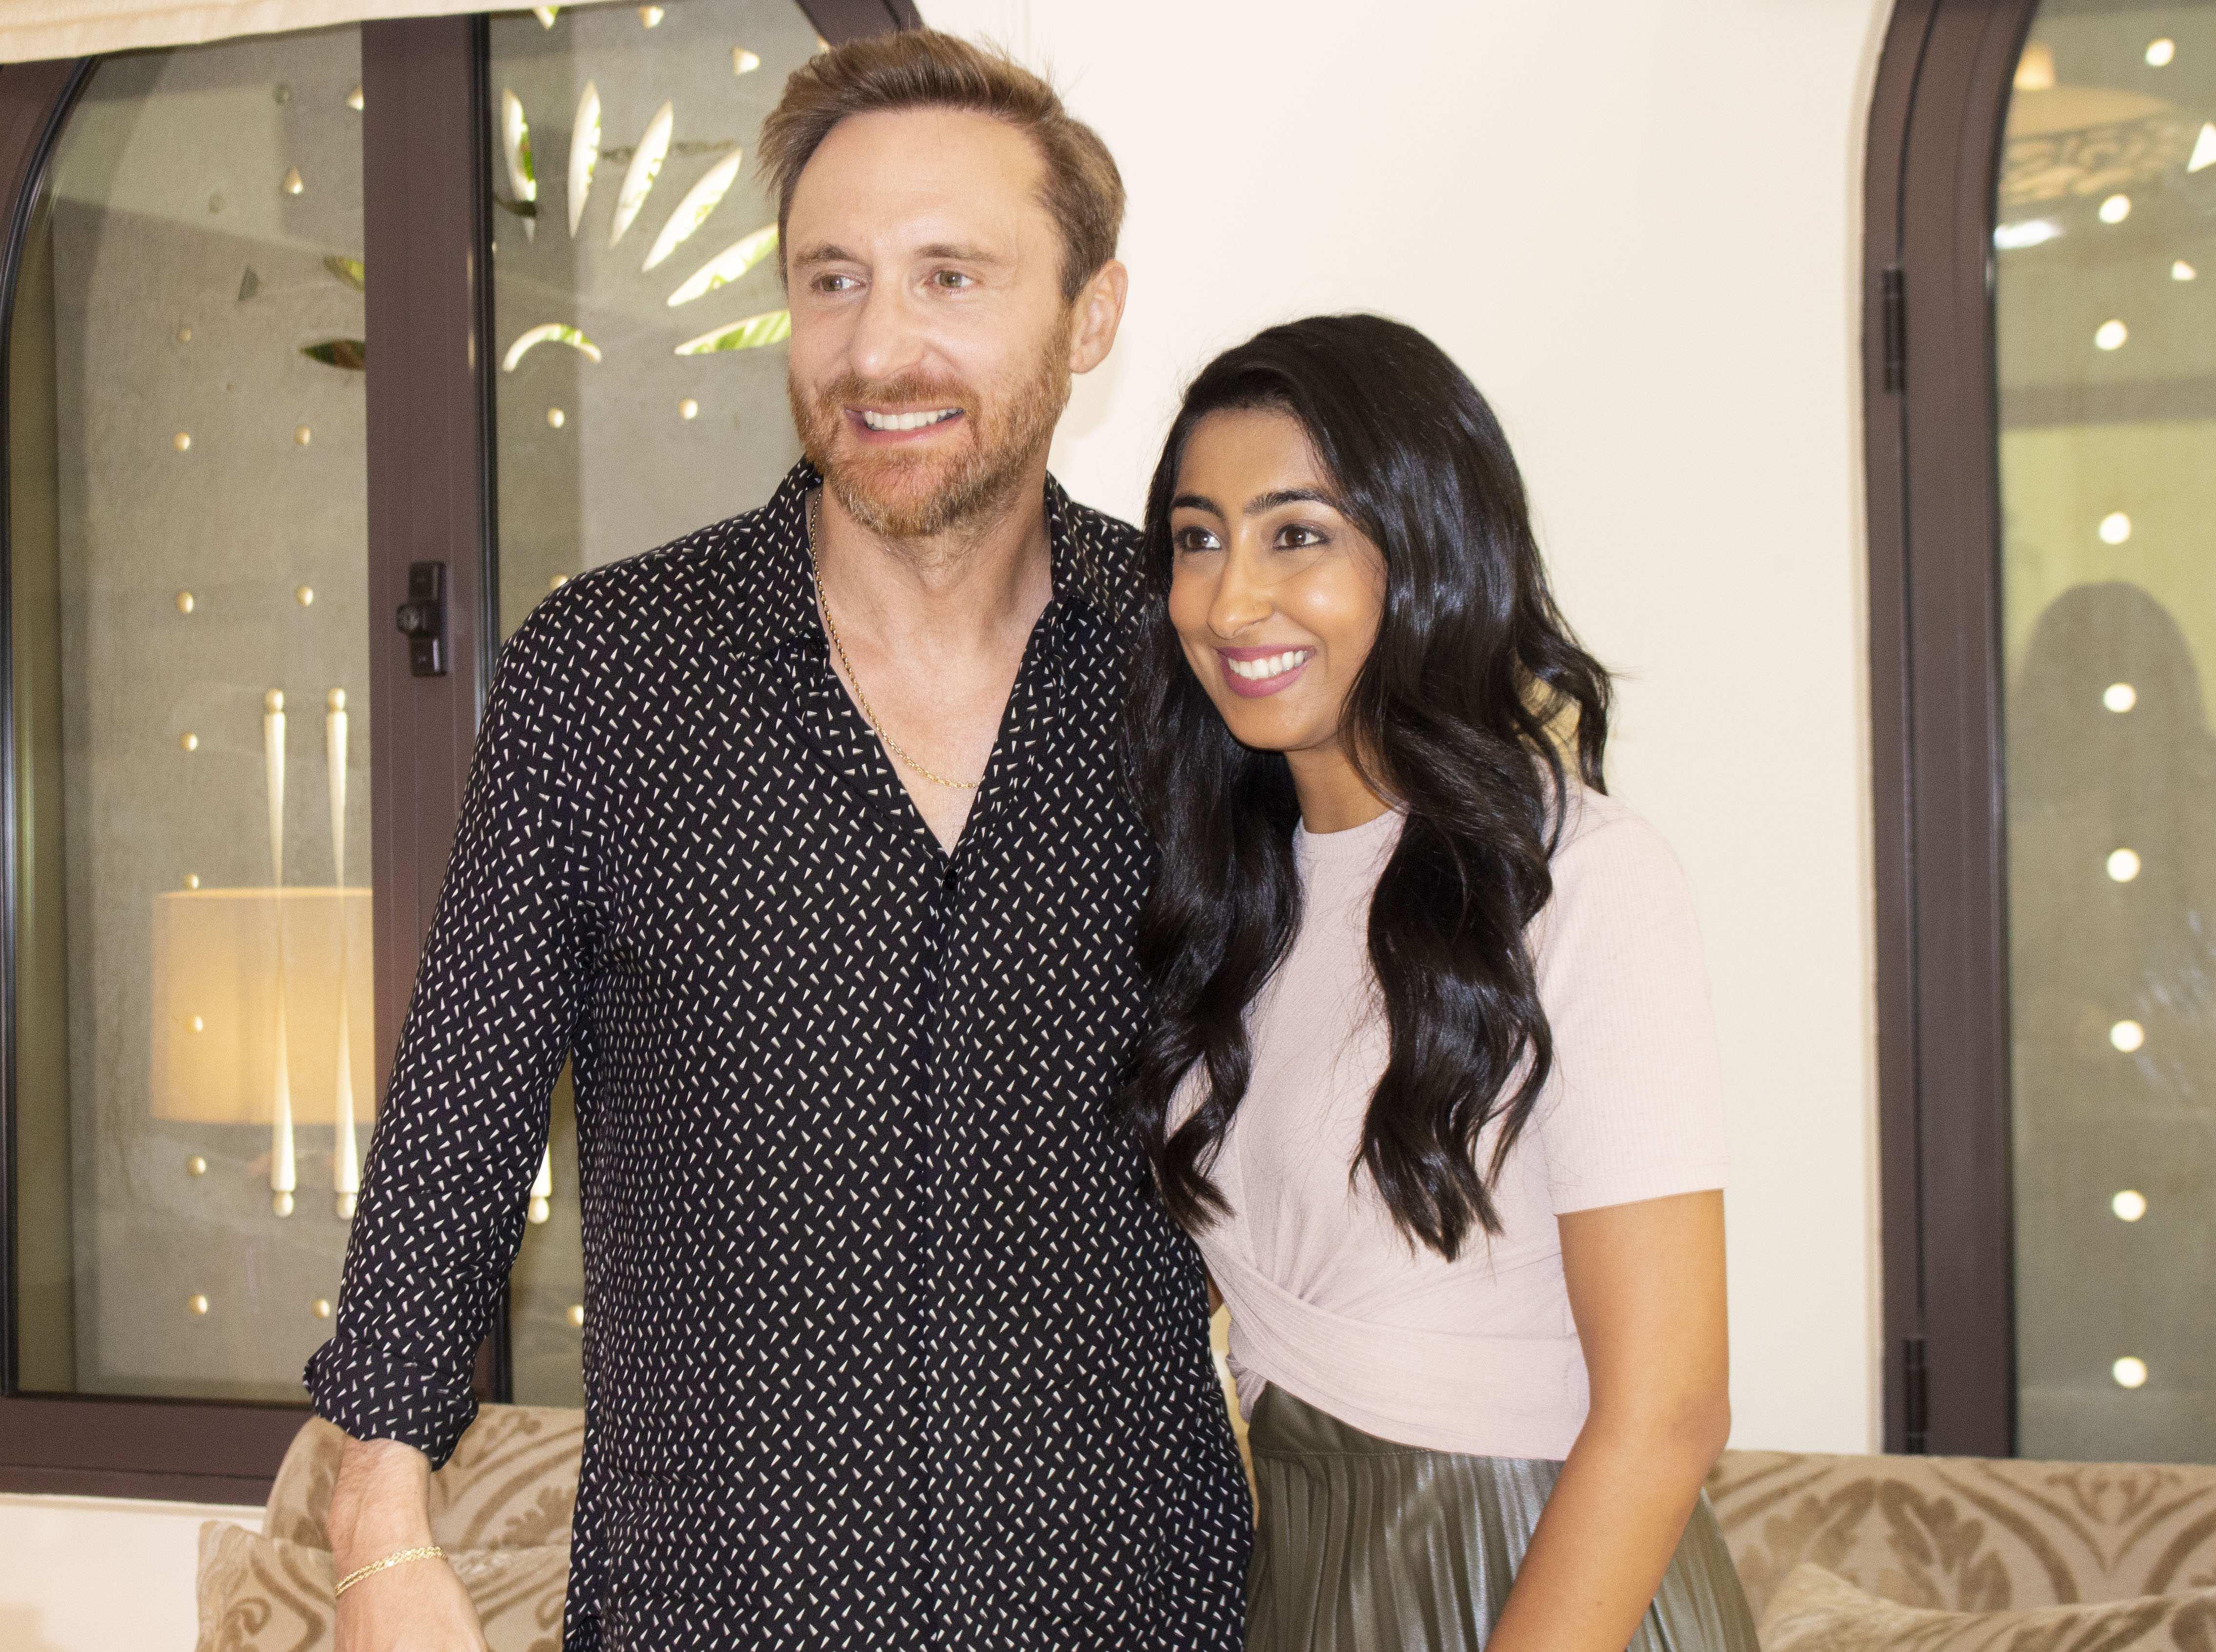 Priti Malik and David Guetta